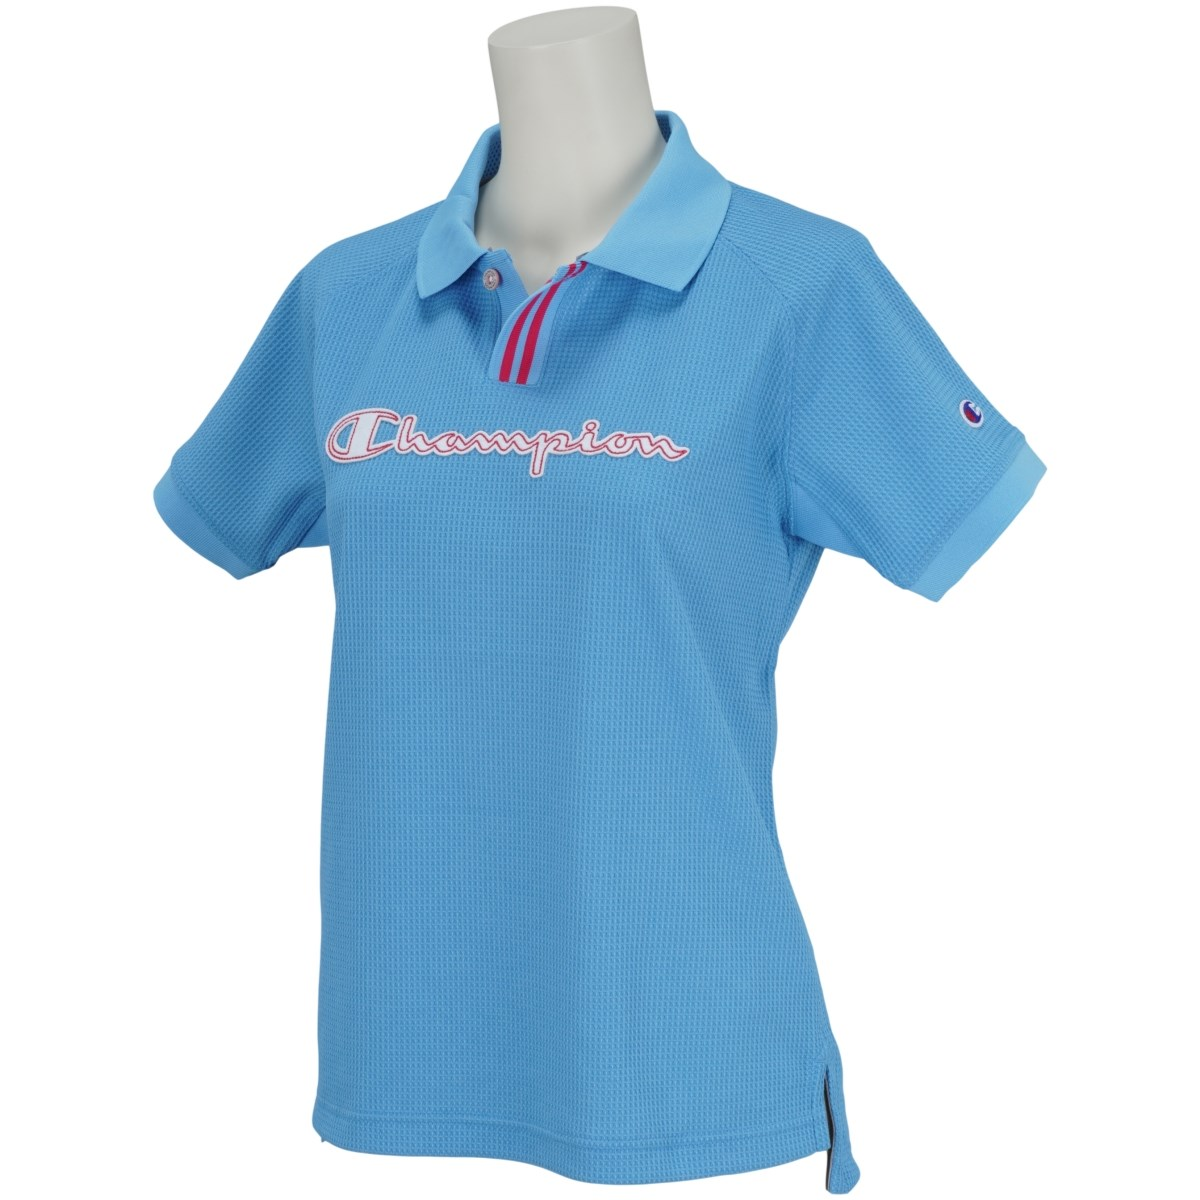 チャンピオンゴルフ Champion GOLF ストレッチワッフル 半袖ポロシャツ L ブルー 340 レディス